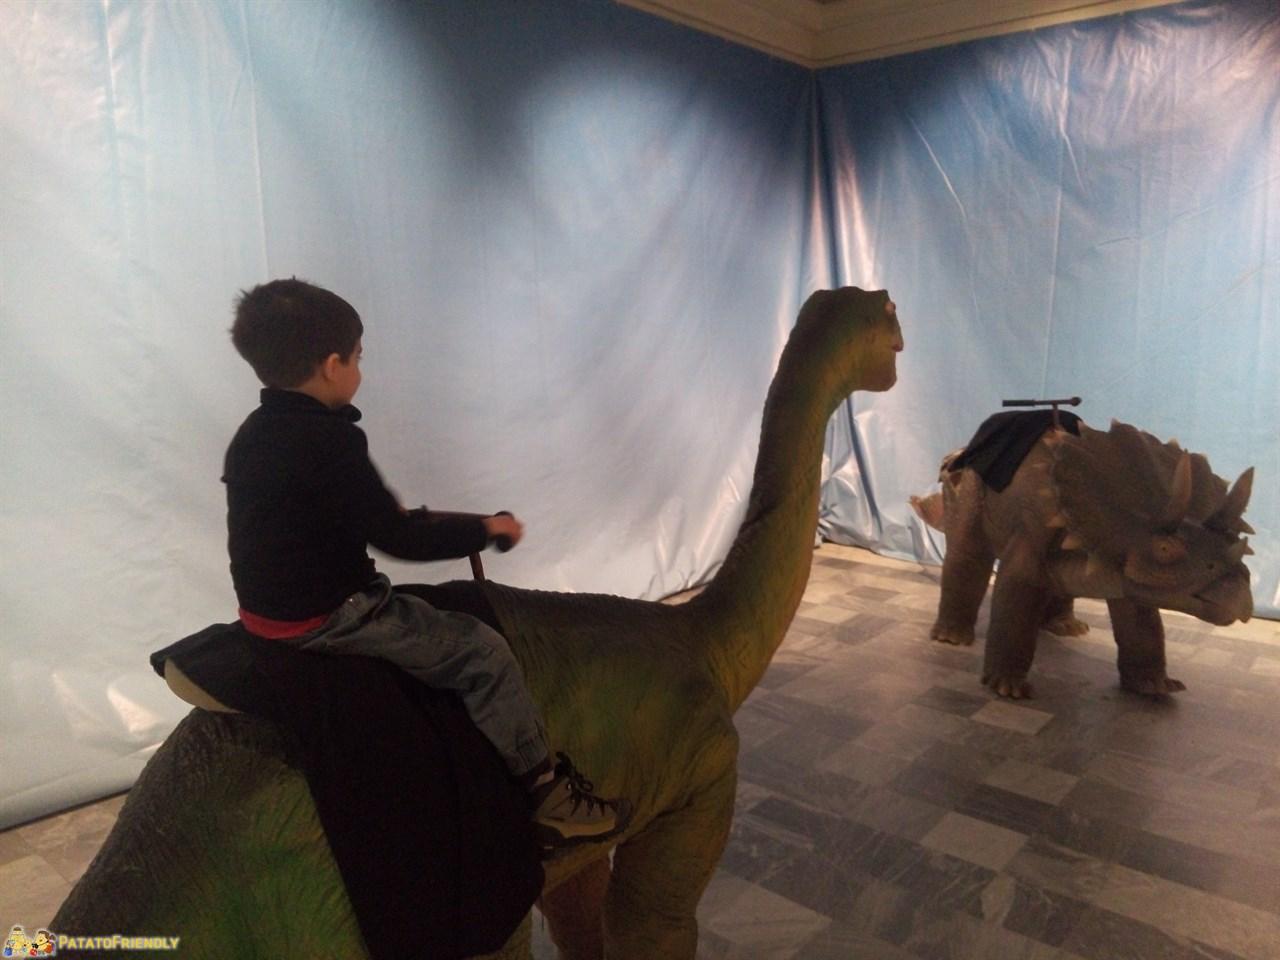 [cml_media_alt id='9551']Dinosaurs Live - La mostra dei dinosauri a Torino - Patato a cavallo di un dinosauro[/cml_media_alt]